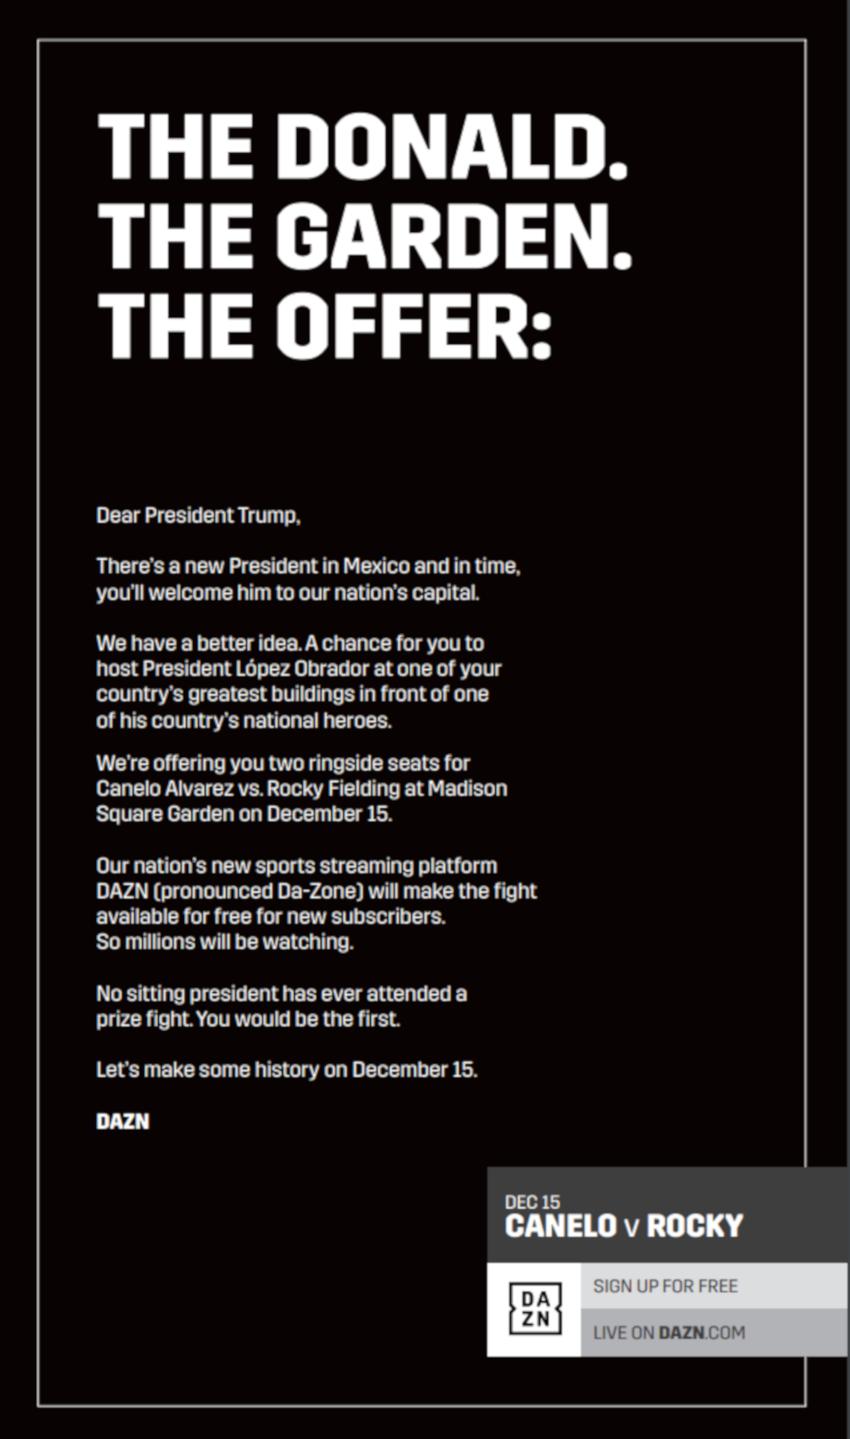 DAZN's Trump ad.